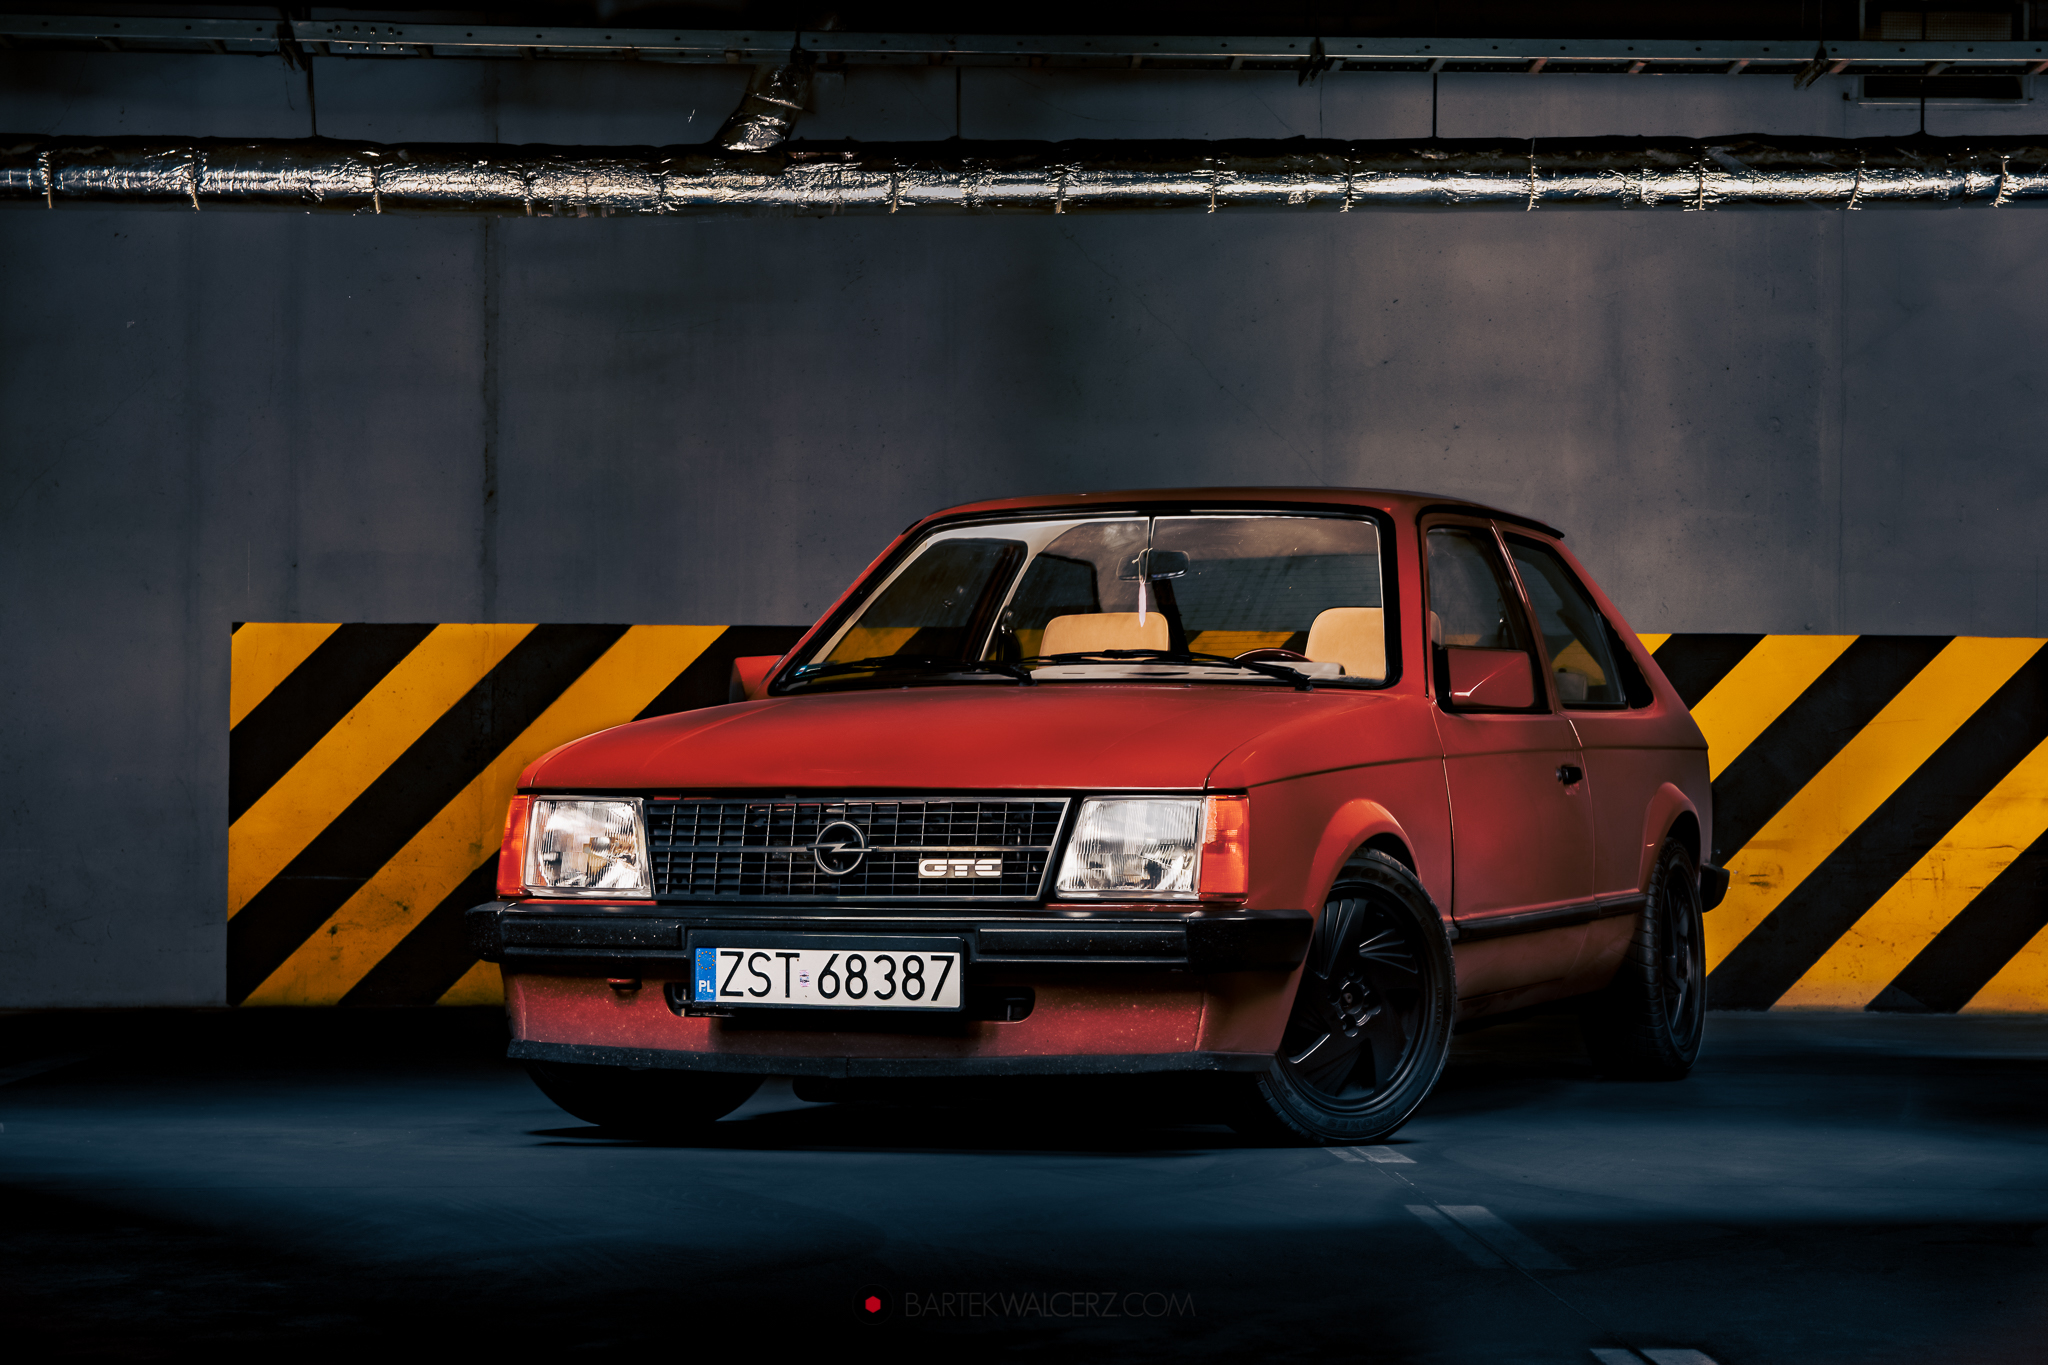 Opel Kadett V6